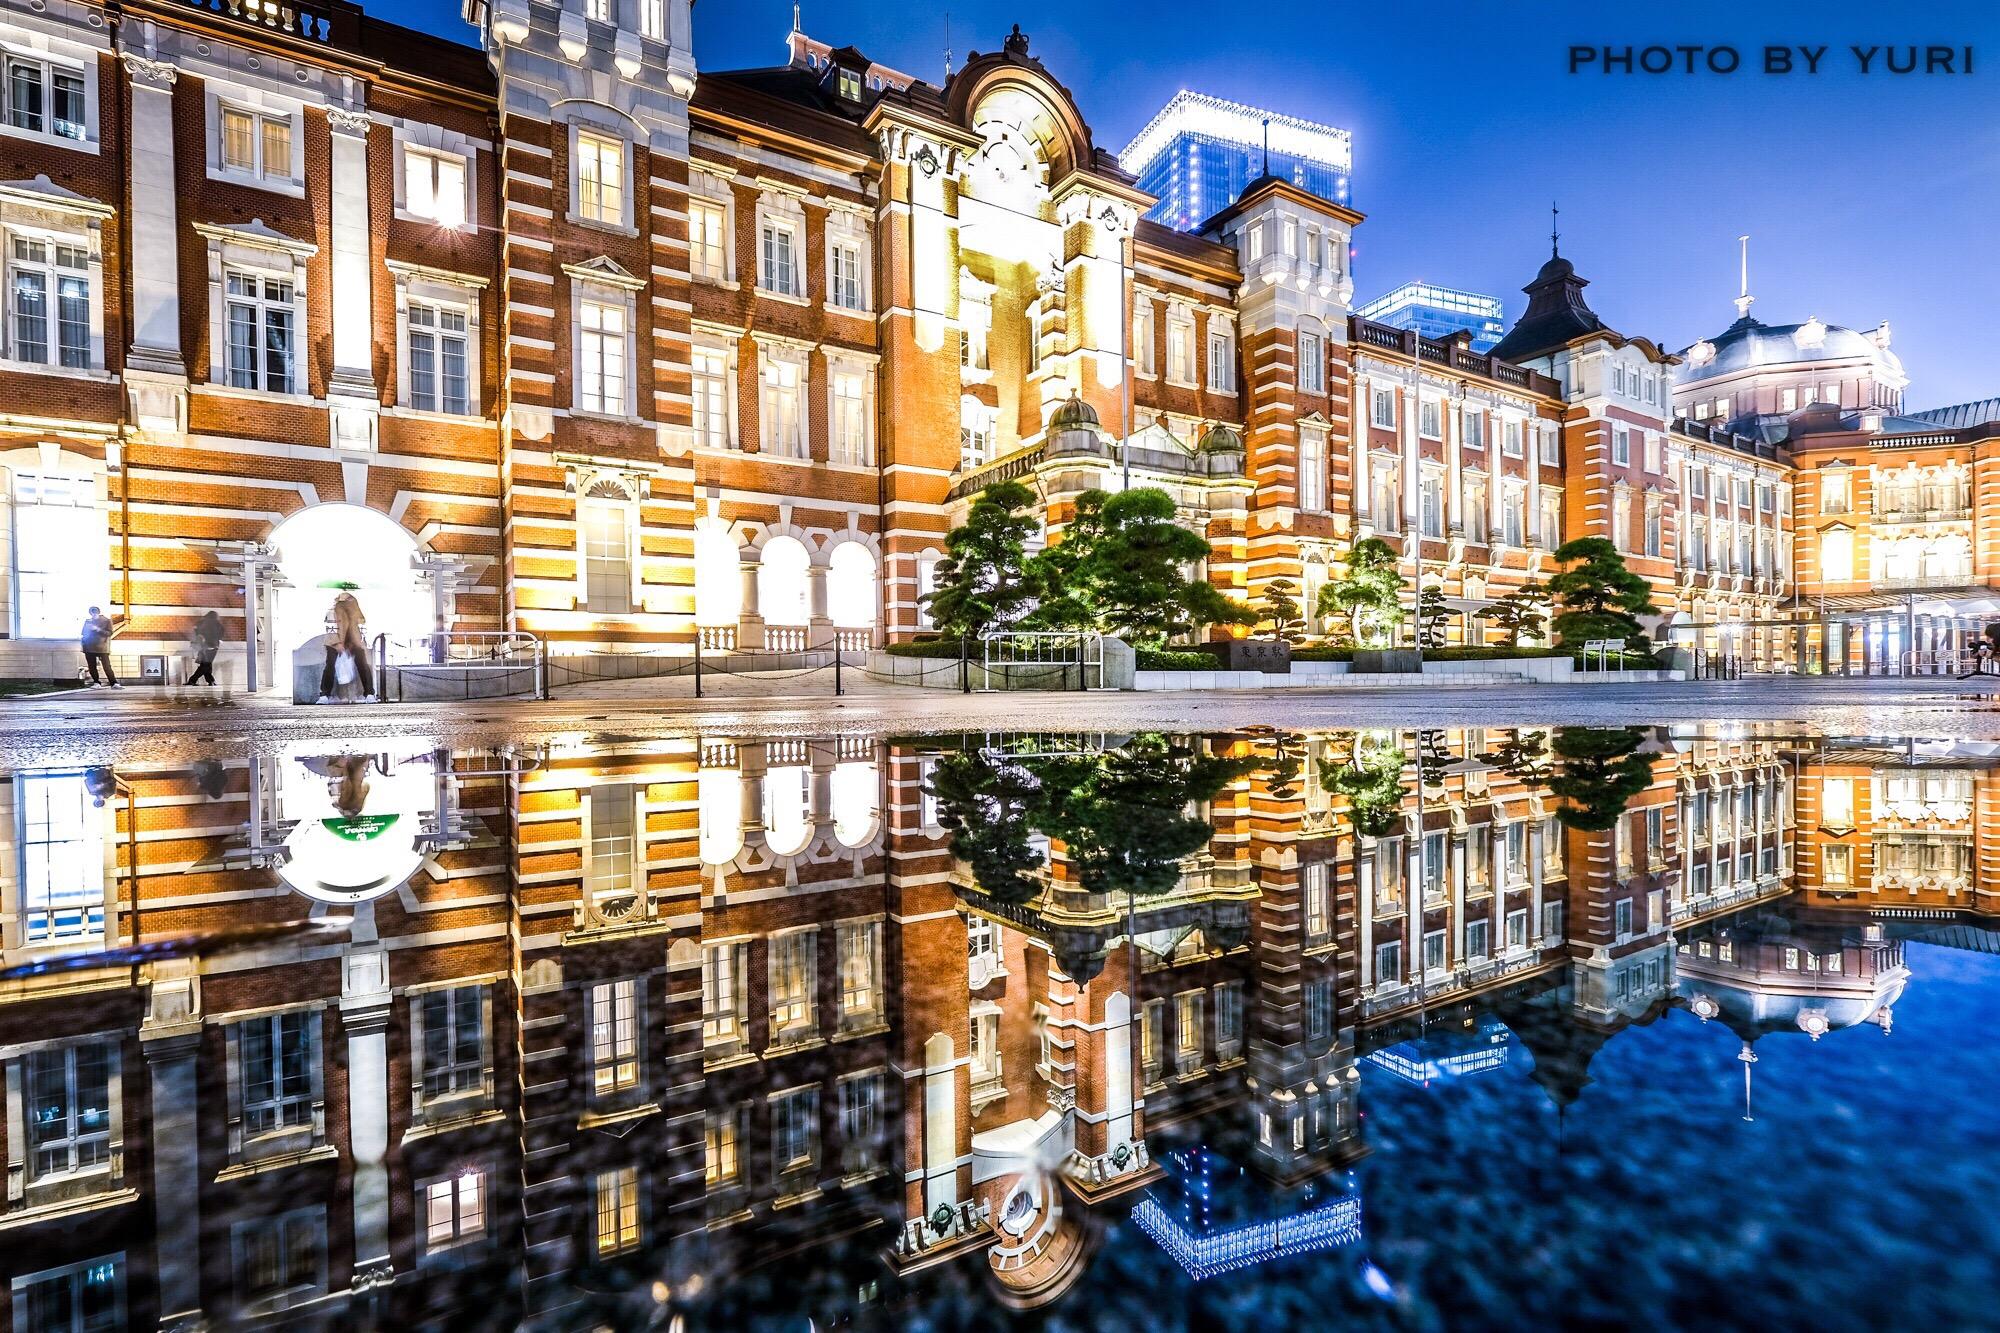 雨の日限定の観光スポット!?東京駅リフレクション写真を撮影してみた